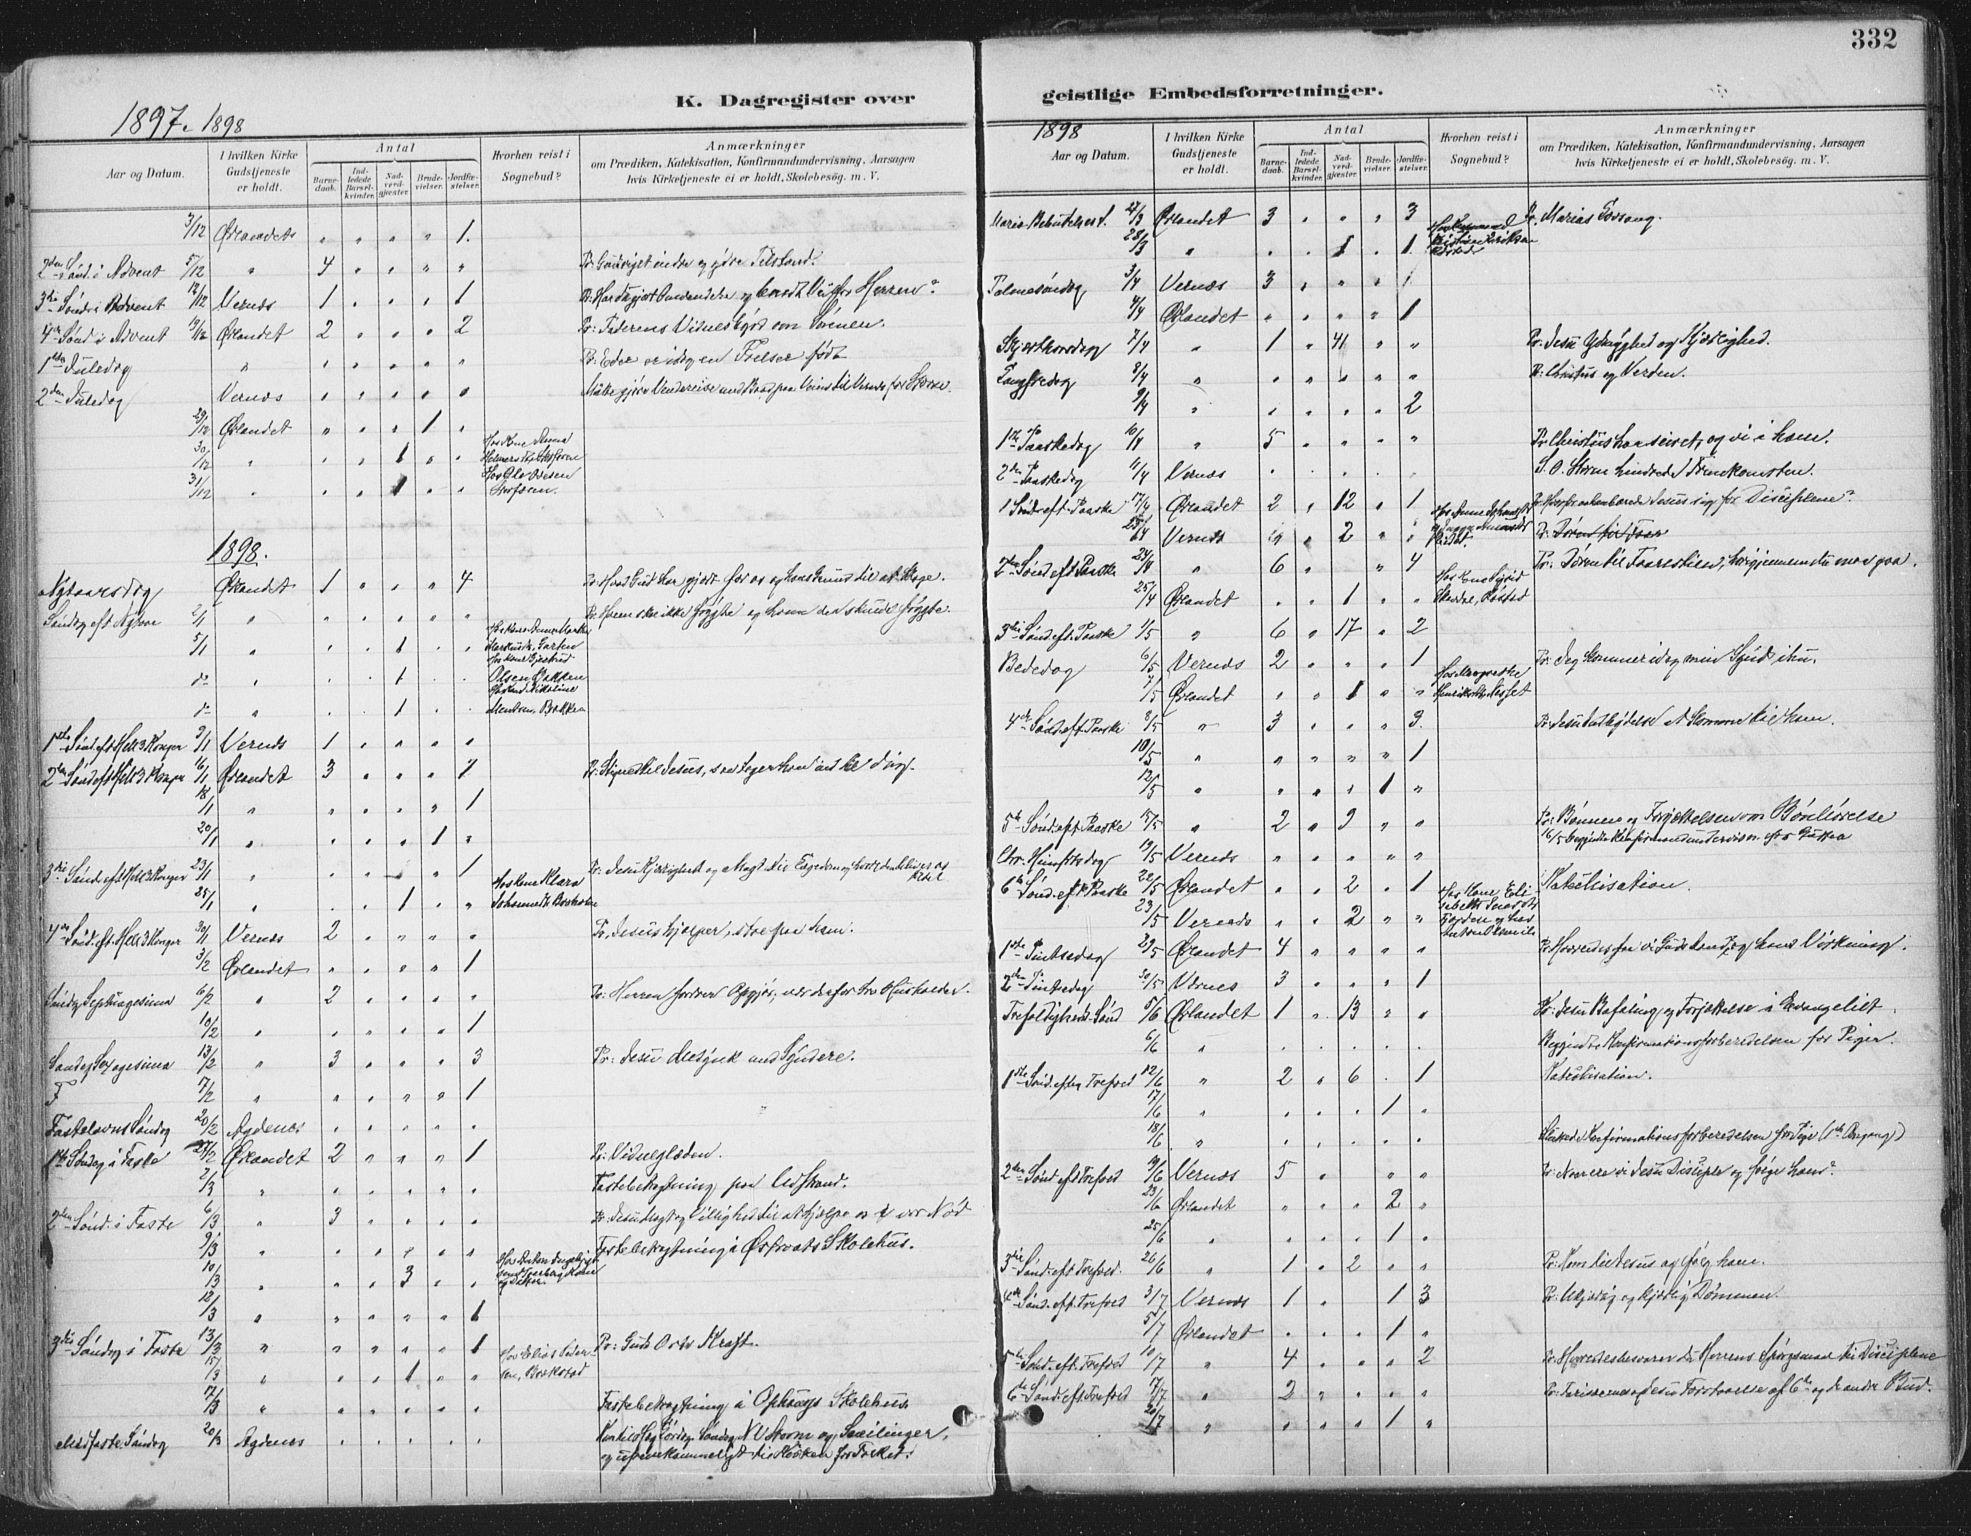 SAT, Ministerialprotokoller, klokkerbøker og fødselsregistre - Sør-Trøndelag, 659/L0743: Ministerialbok nr. 659A13, 1893-1910, s. 332